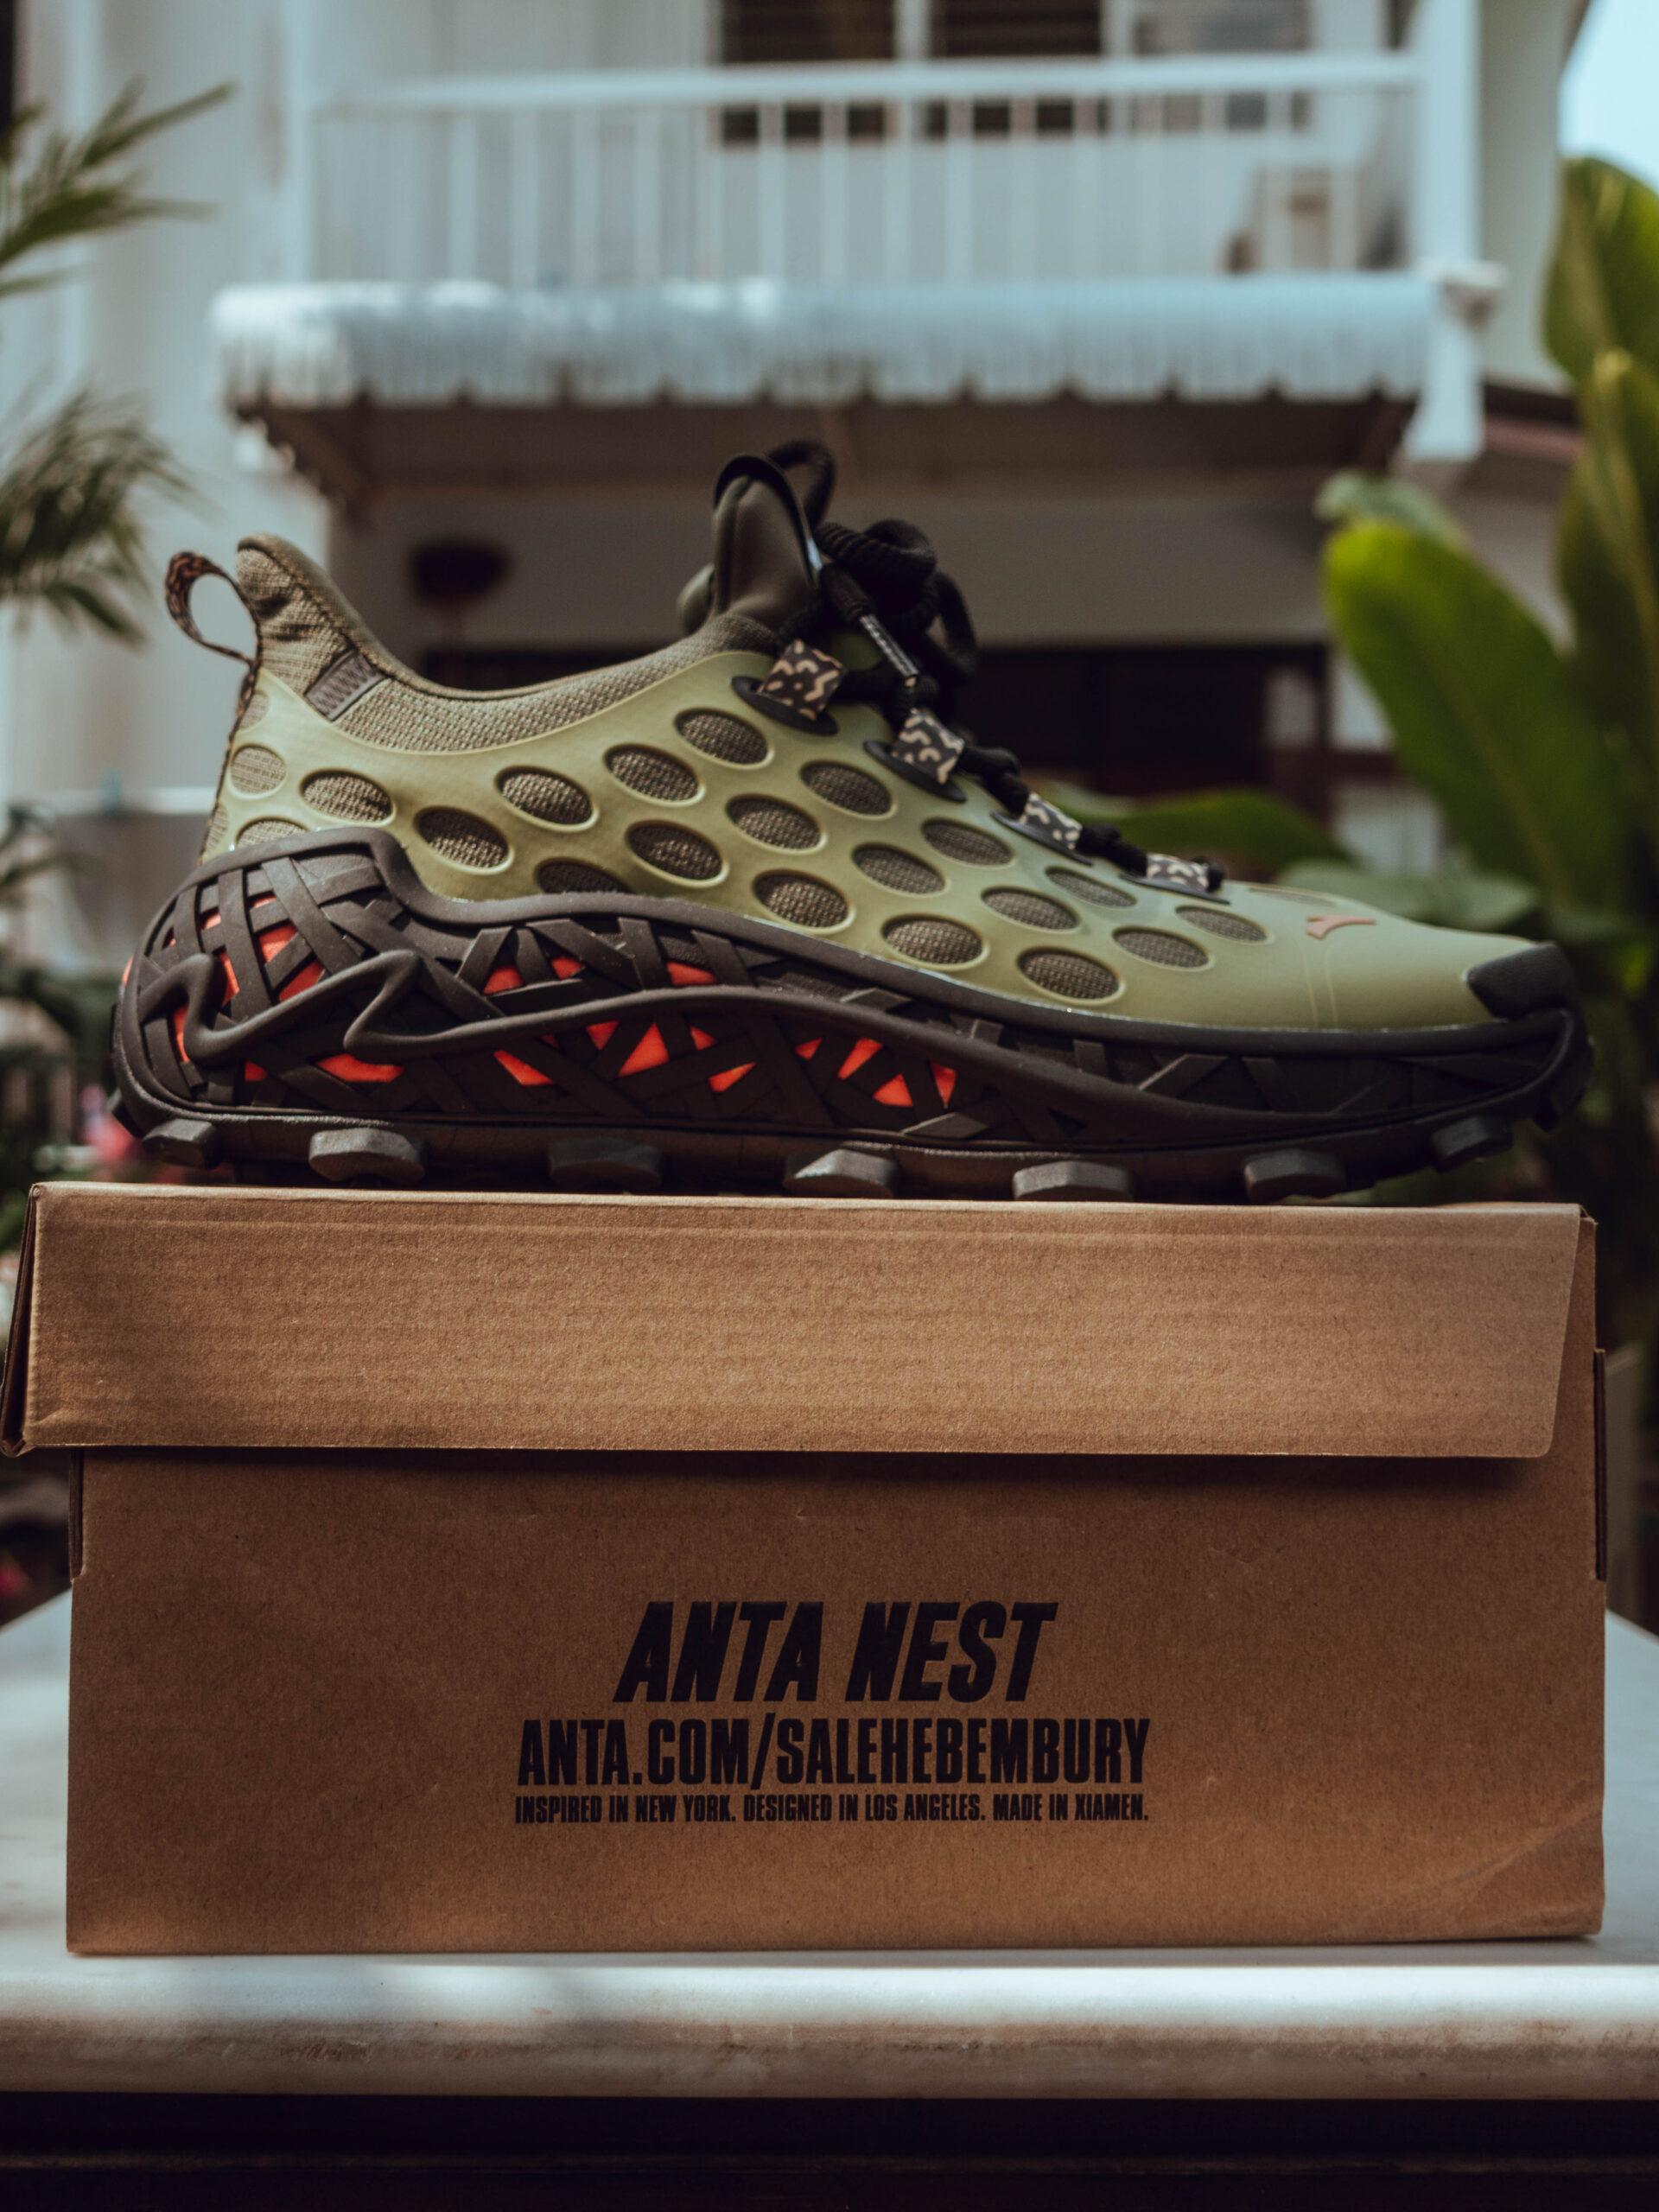 รองเท้า Anta Nest ข้อสั้น สีเขียว